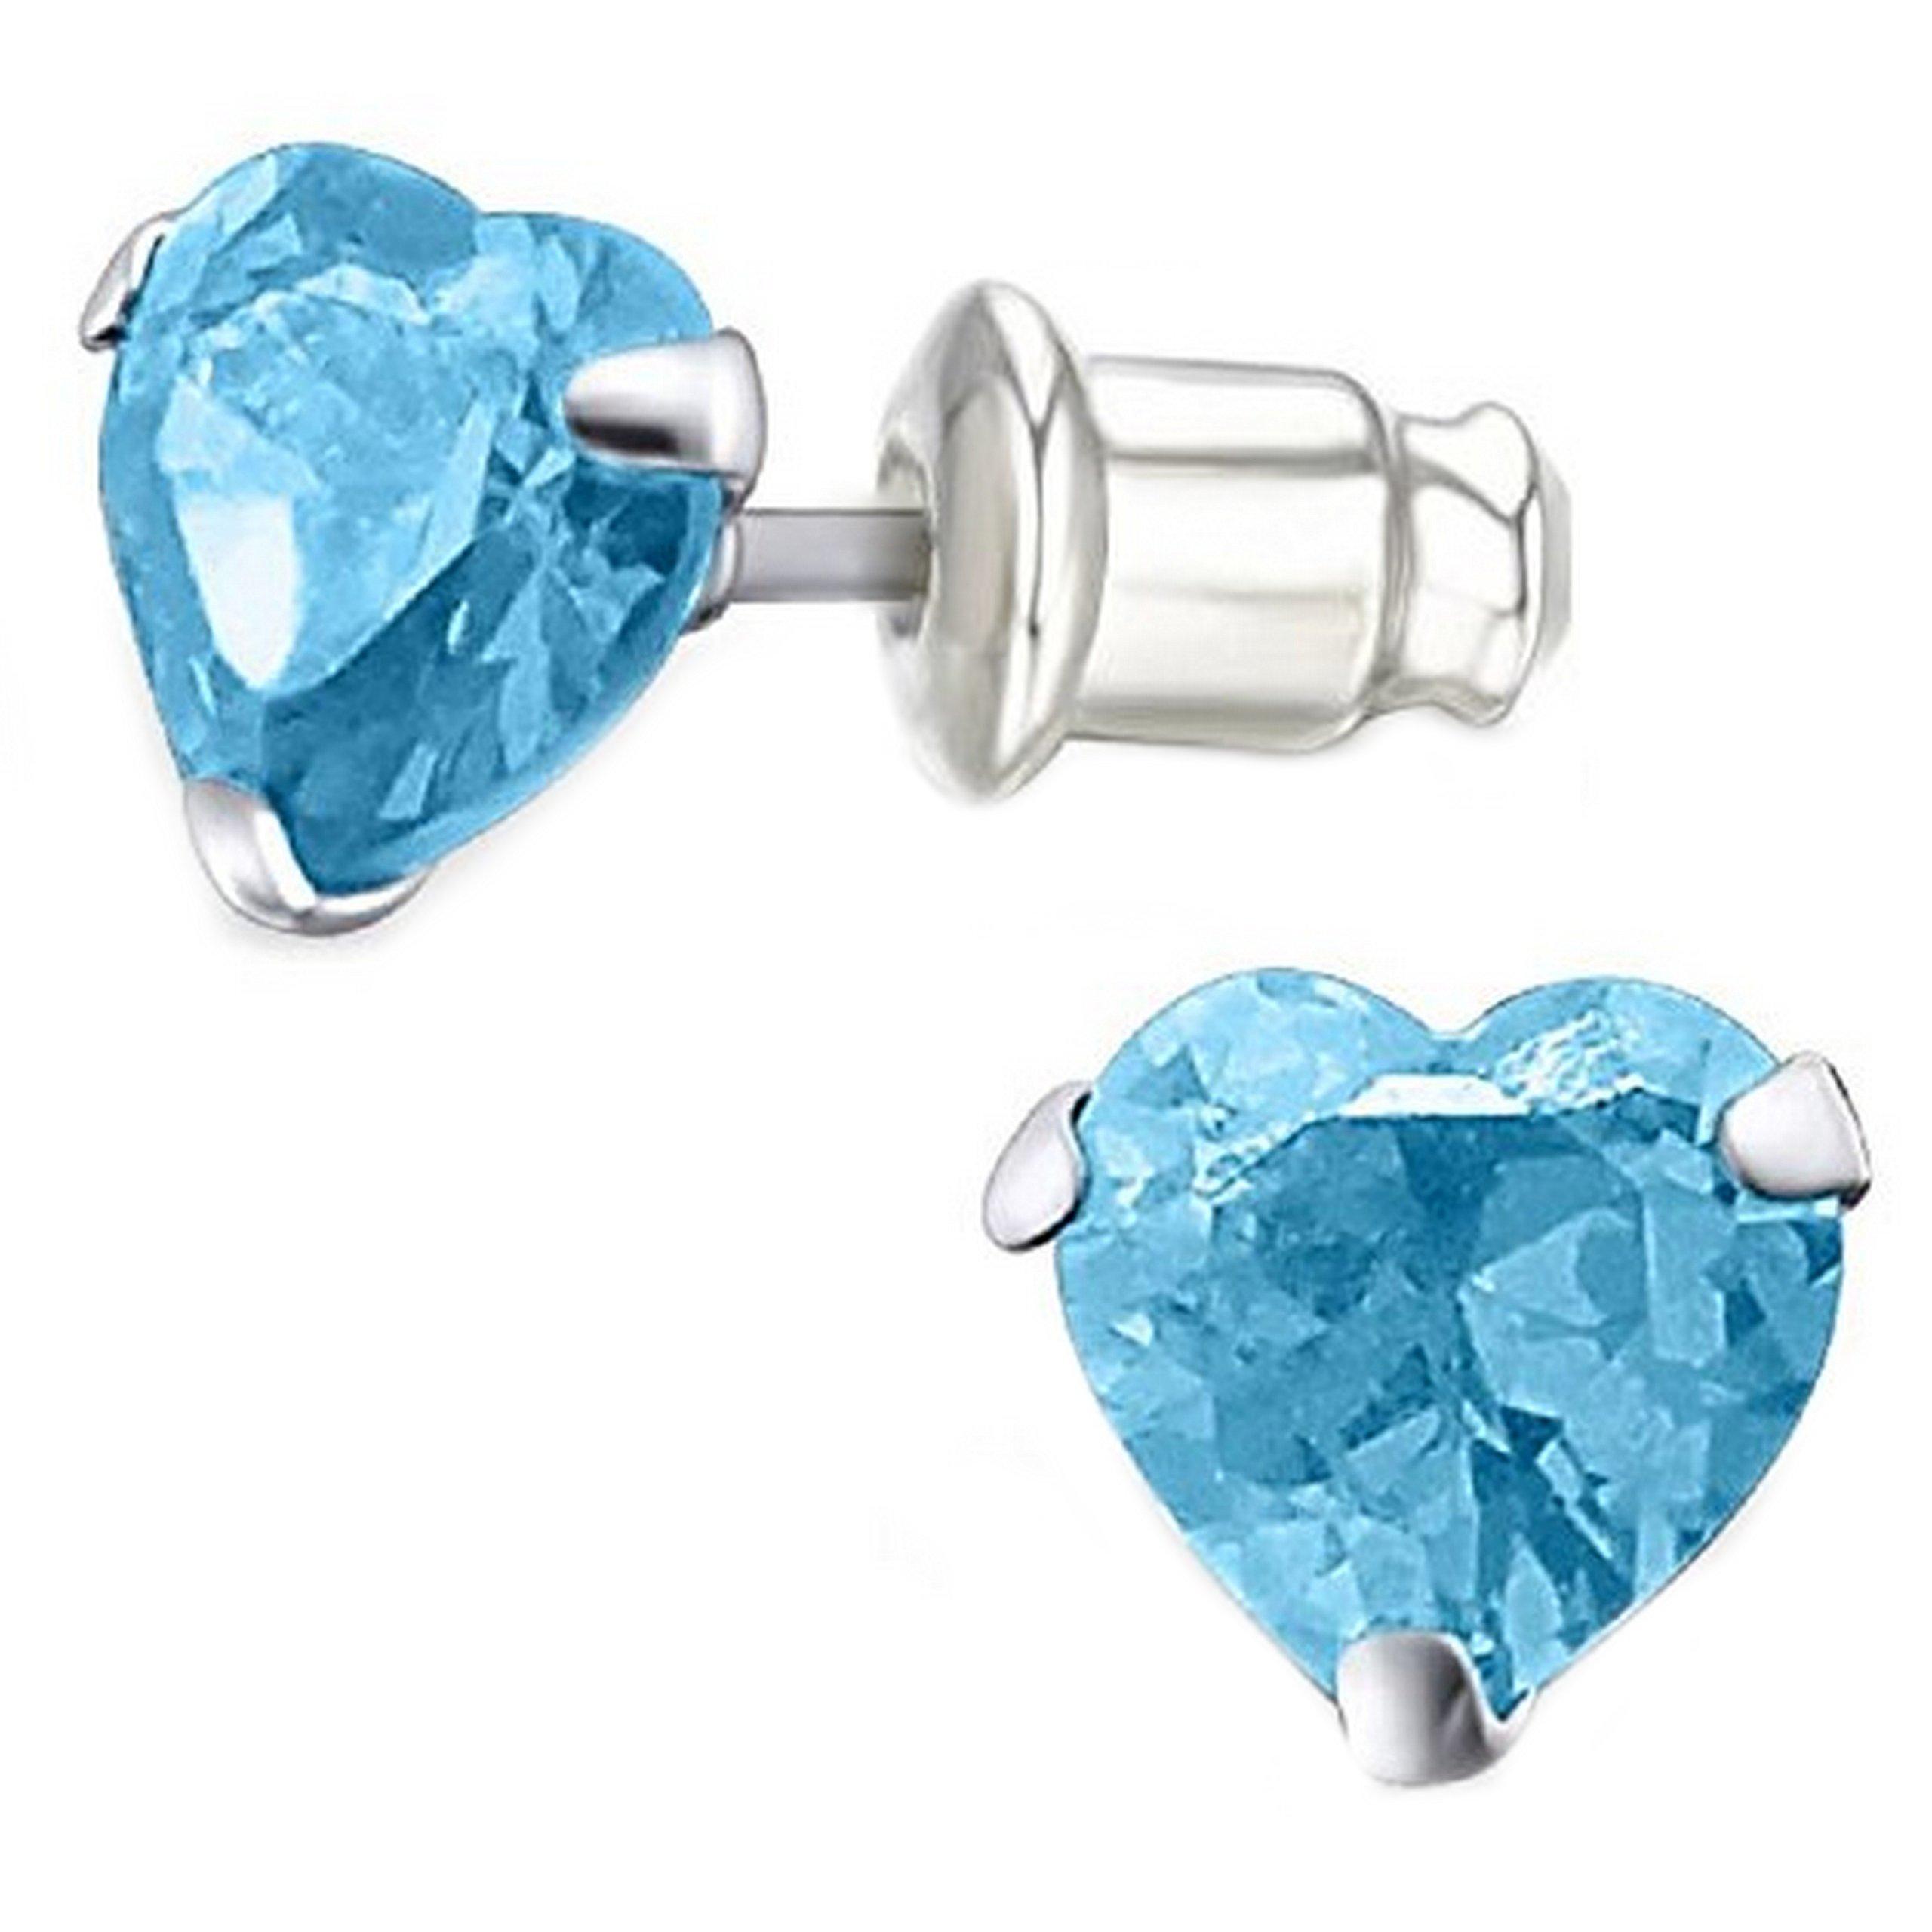 Pro Jewelry .925 Sterling Silver ''Aqua Glass CZ Heart'' Stud Earrings with Bullet Clutch Earring Backs